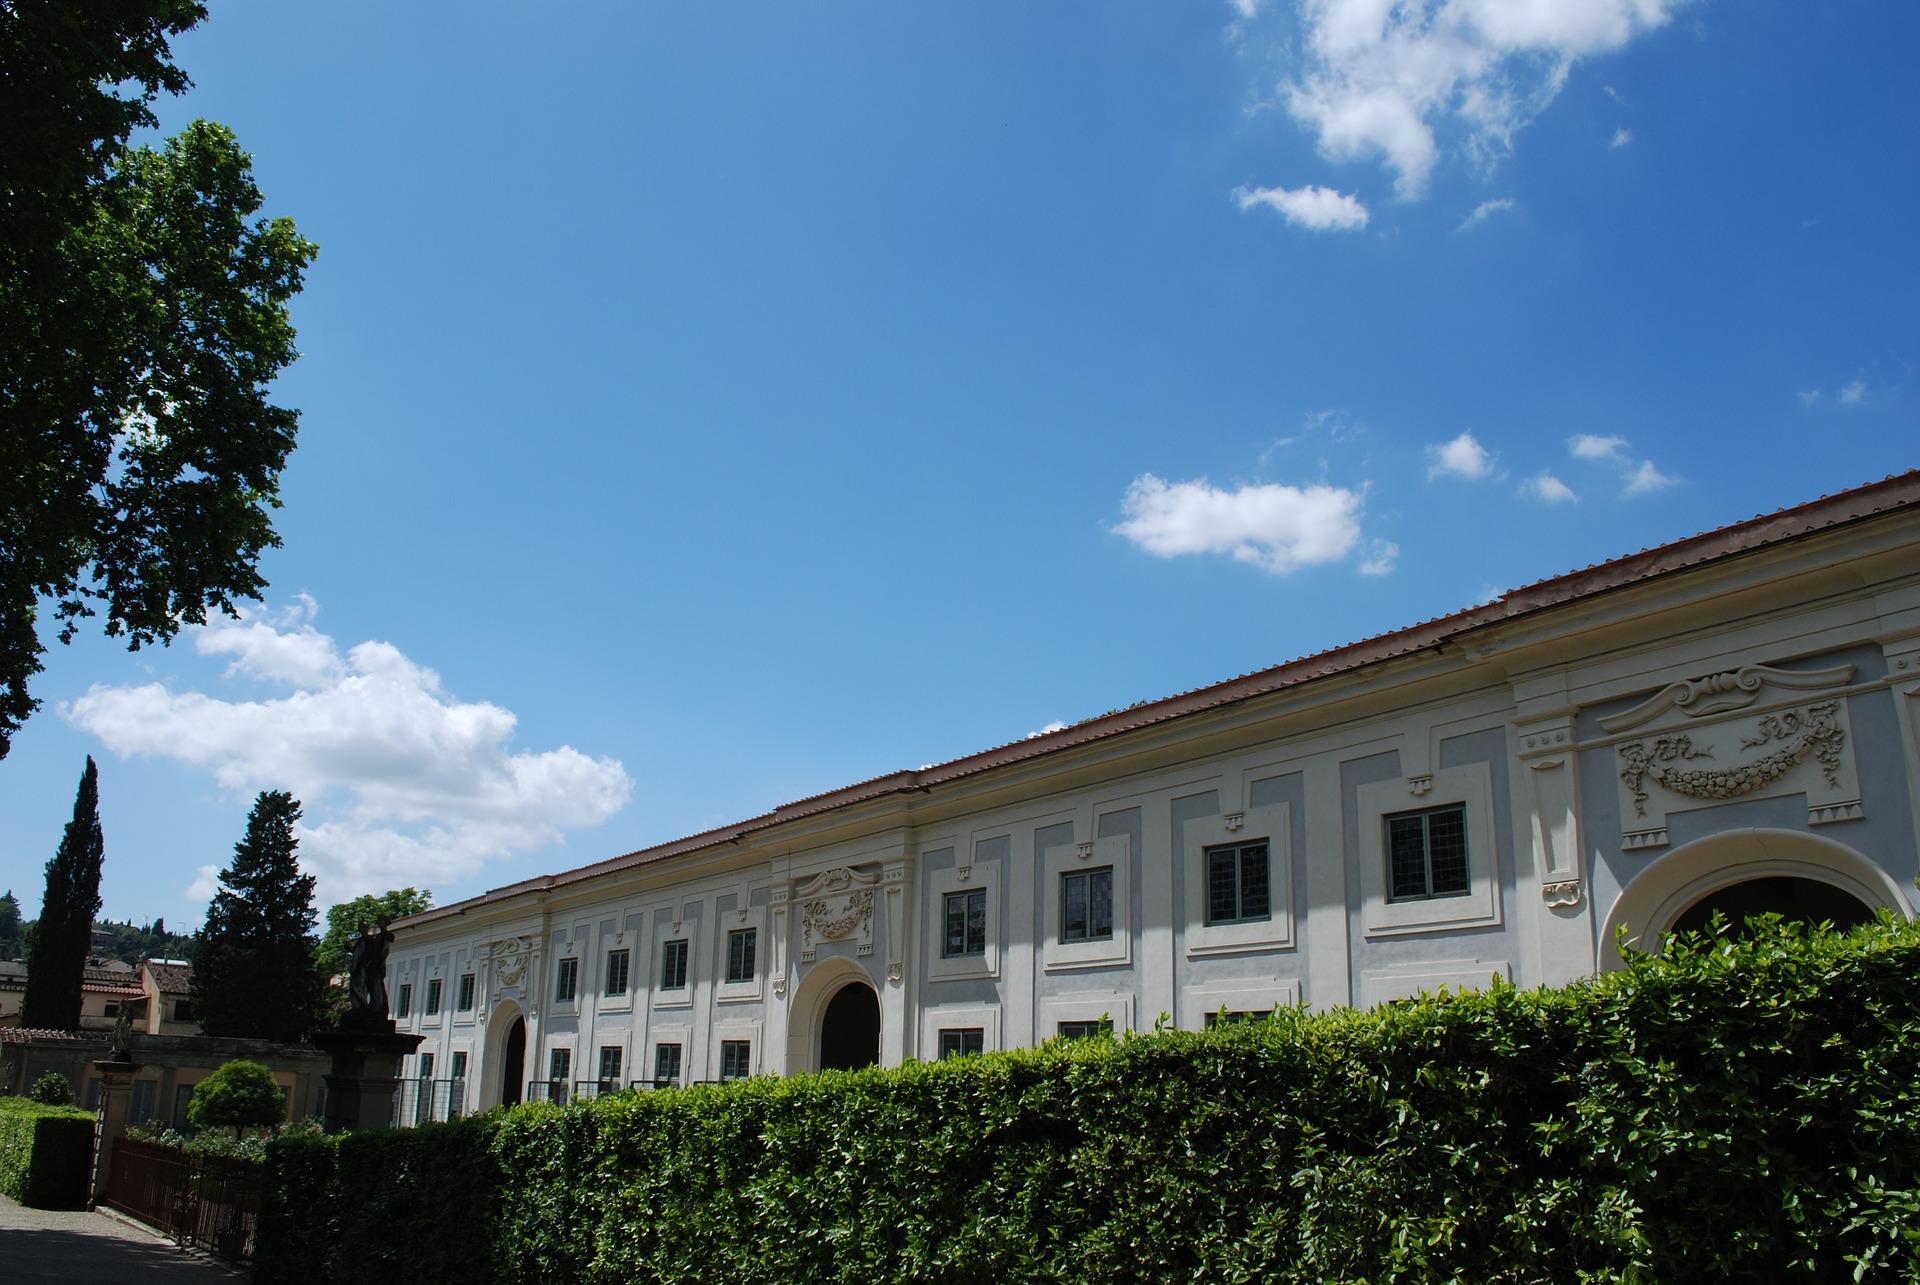 Limonaia Boboli Gardens